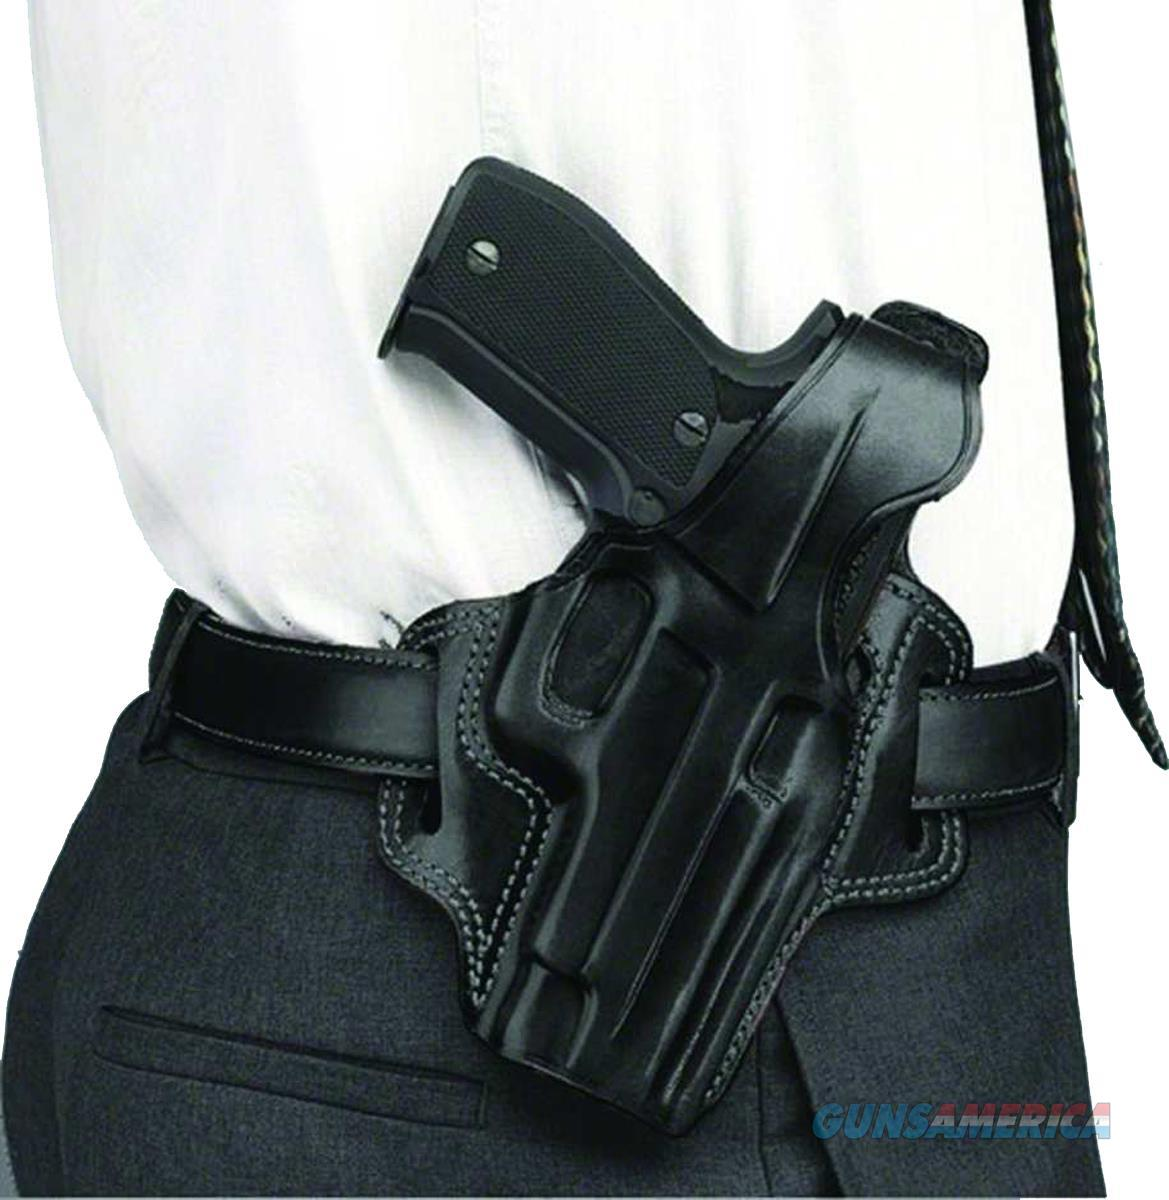 Galco Fl472b Fletch High Ride  S&W M&P 9/40 Steerhide Black FL472B  Non-Guns > Gun Parts > Misc > Rifles